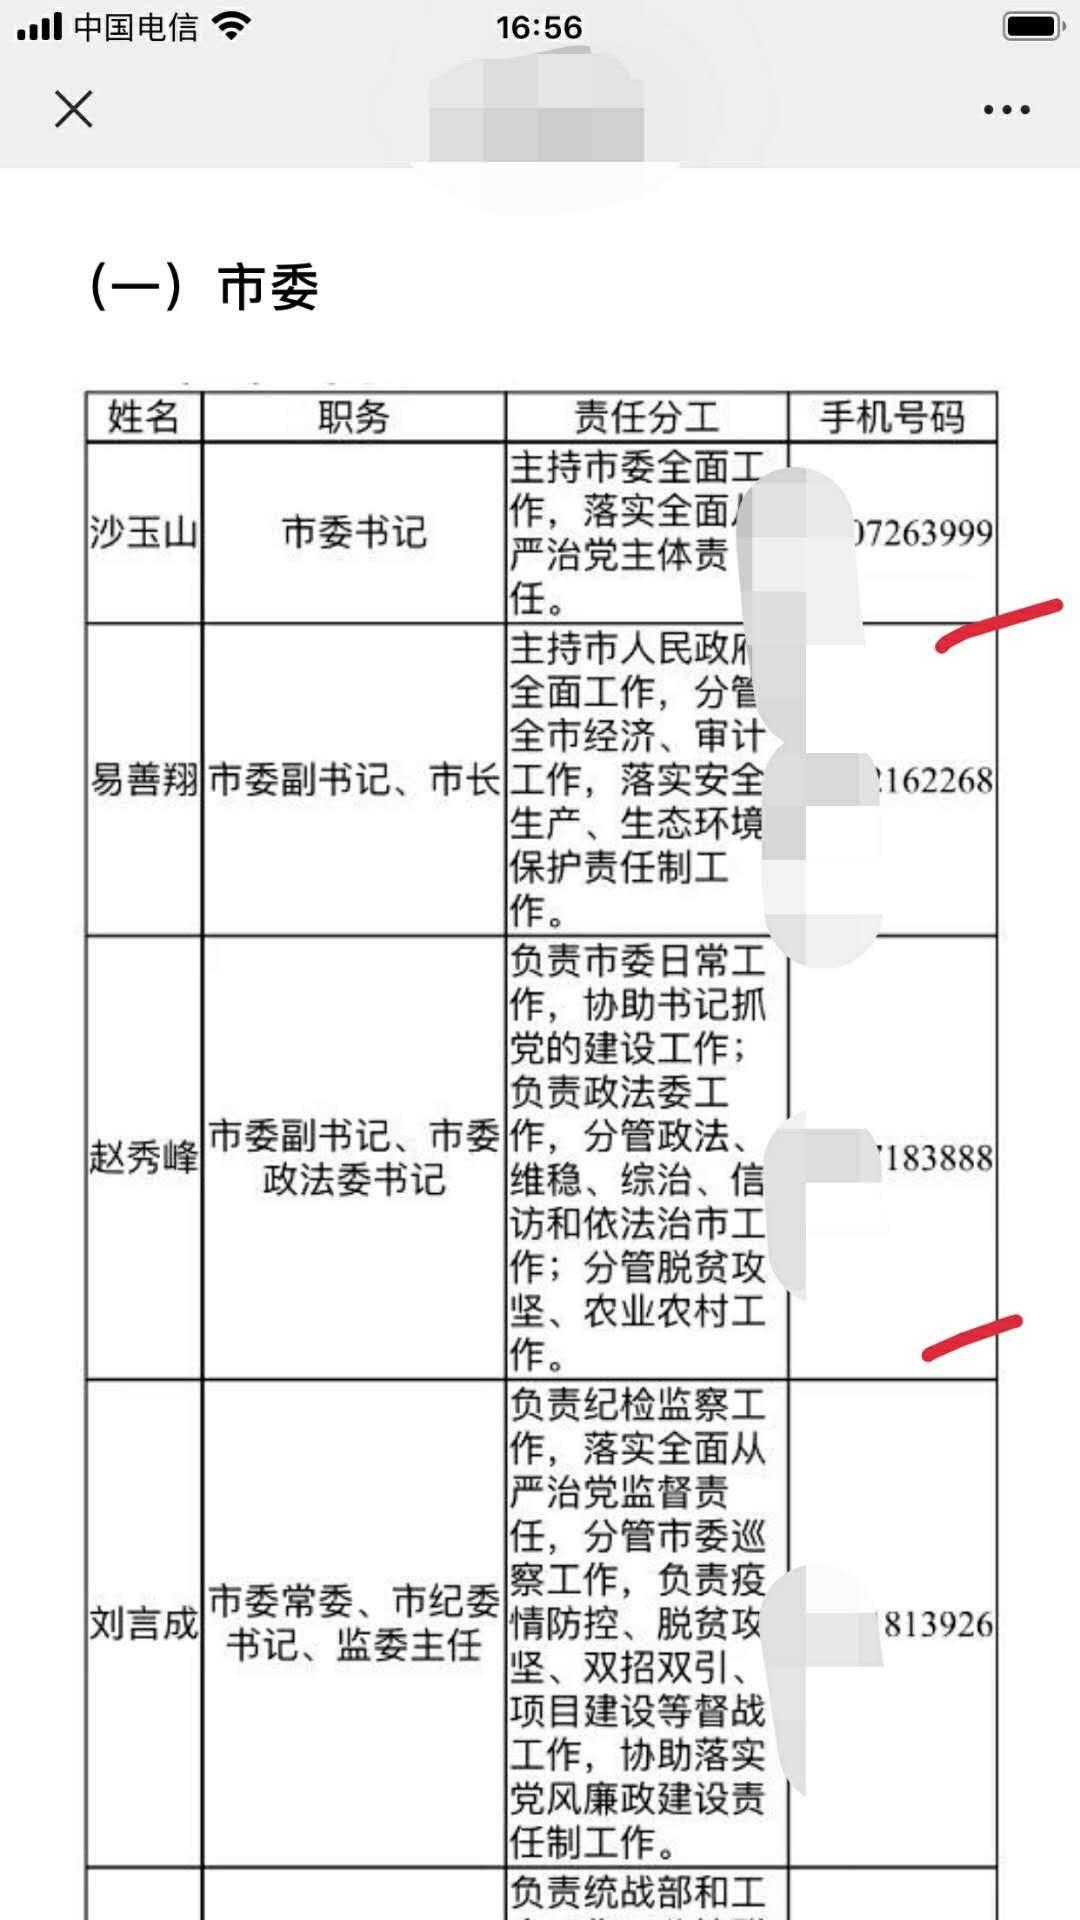 """利川市公布159个党政负责人手机号  其中56个被质疑""""靓号"""